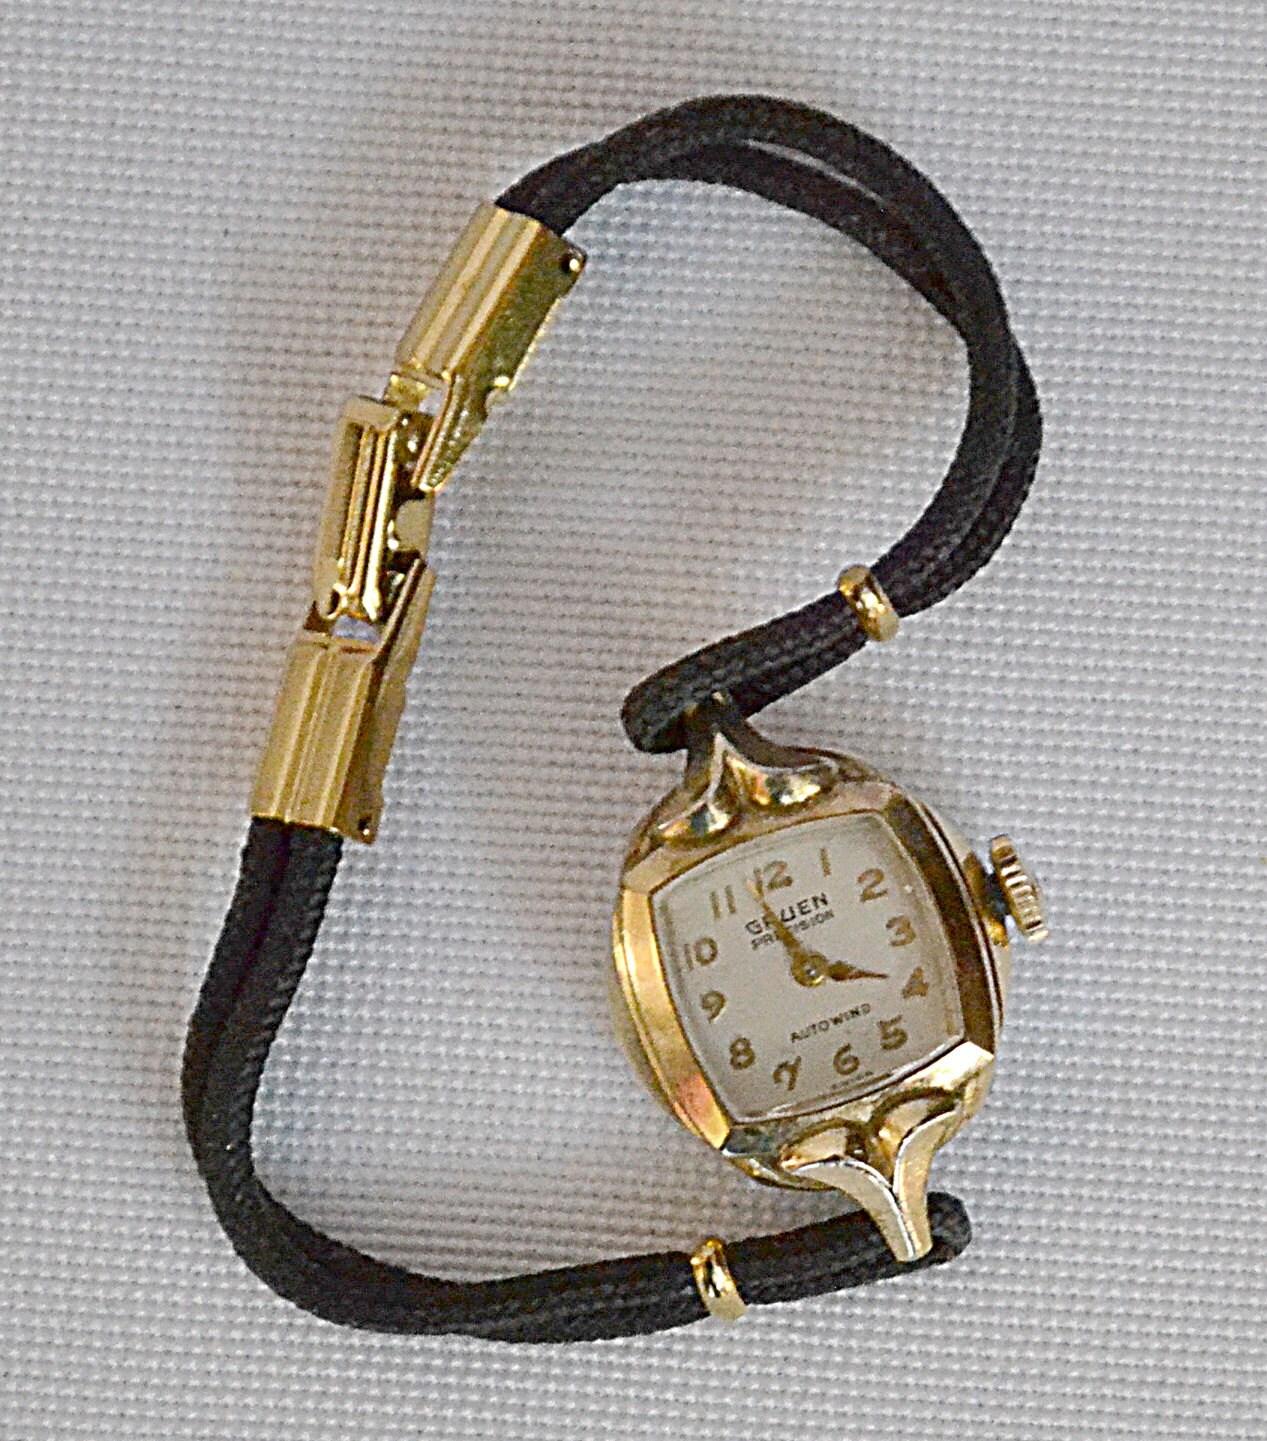 Vintage Gruen Precision Autowind Ladies Watch 10 Kt Yellow RGP